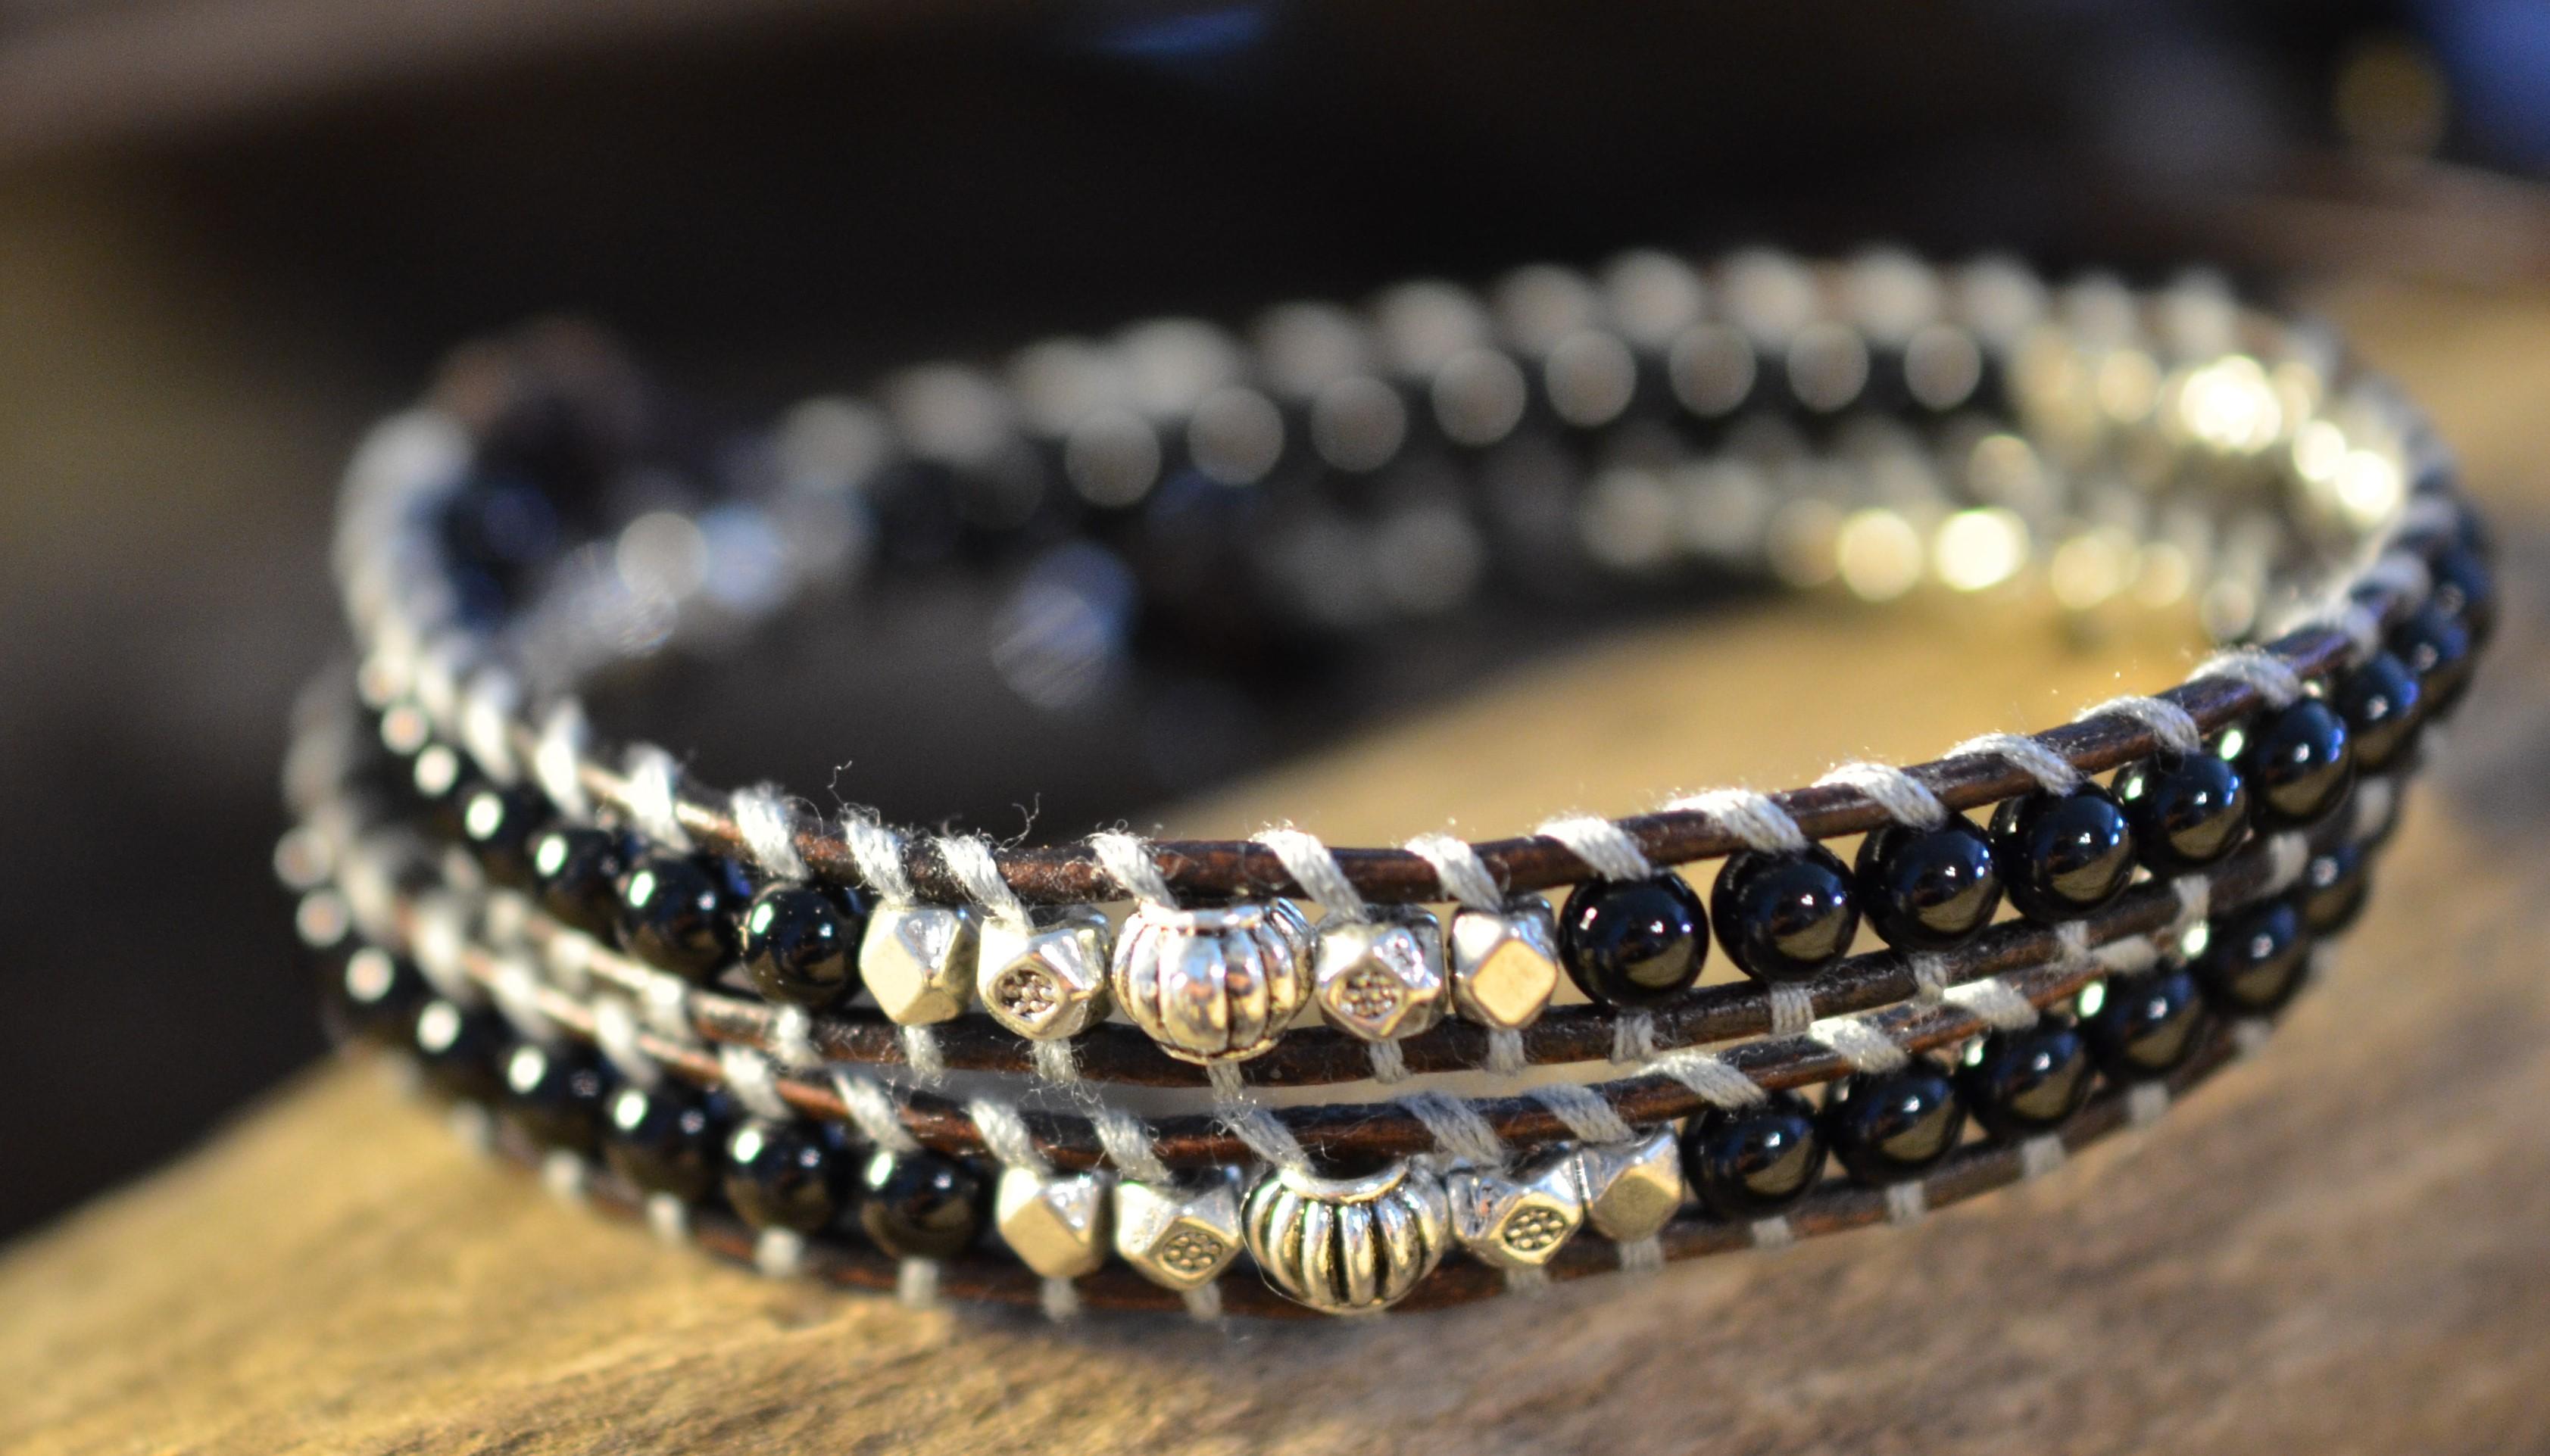 stone-era-natural-stone-bracelet-for-men-double-onyx-manon-tremblay-ottawa-leather-wrap-handmade